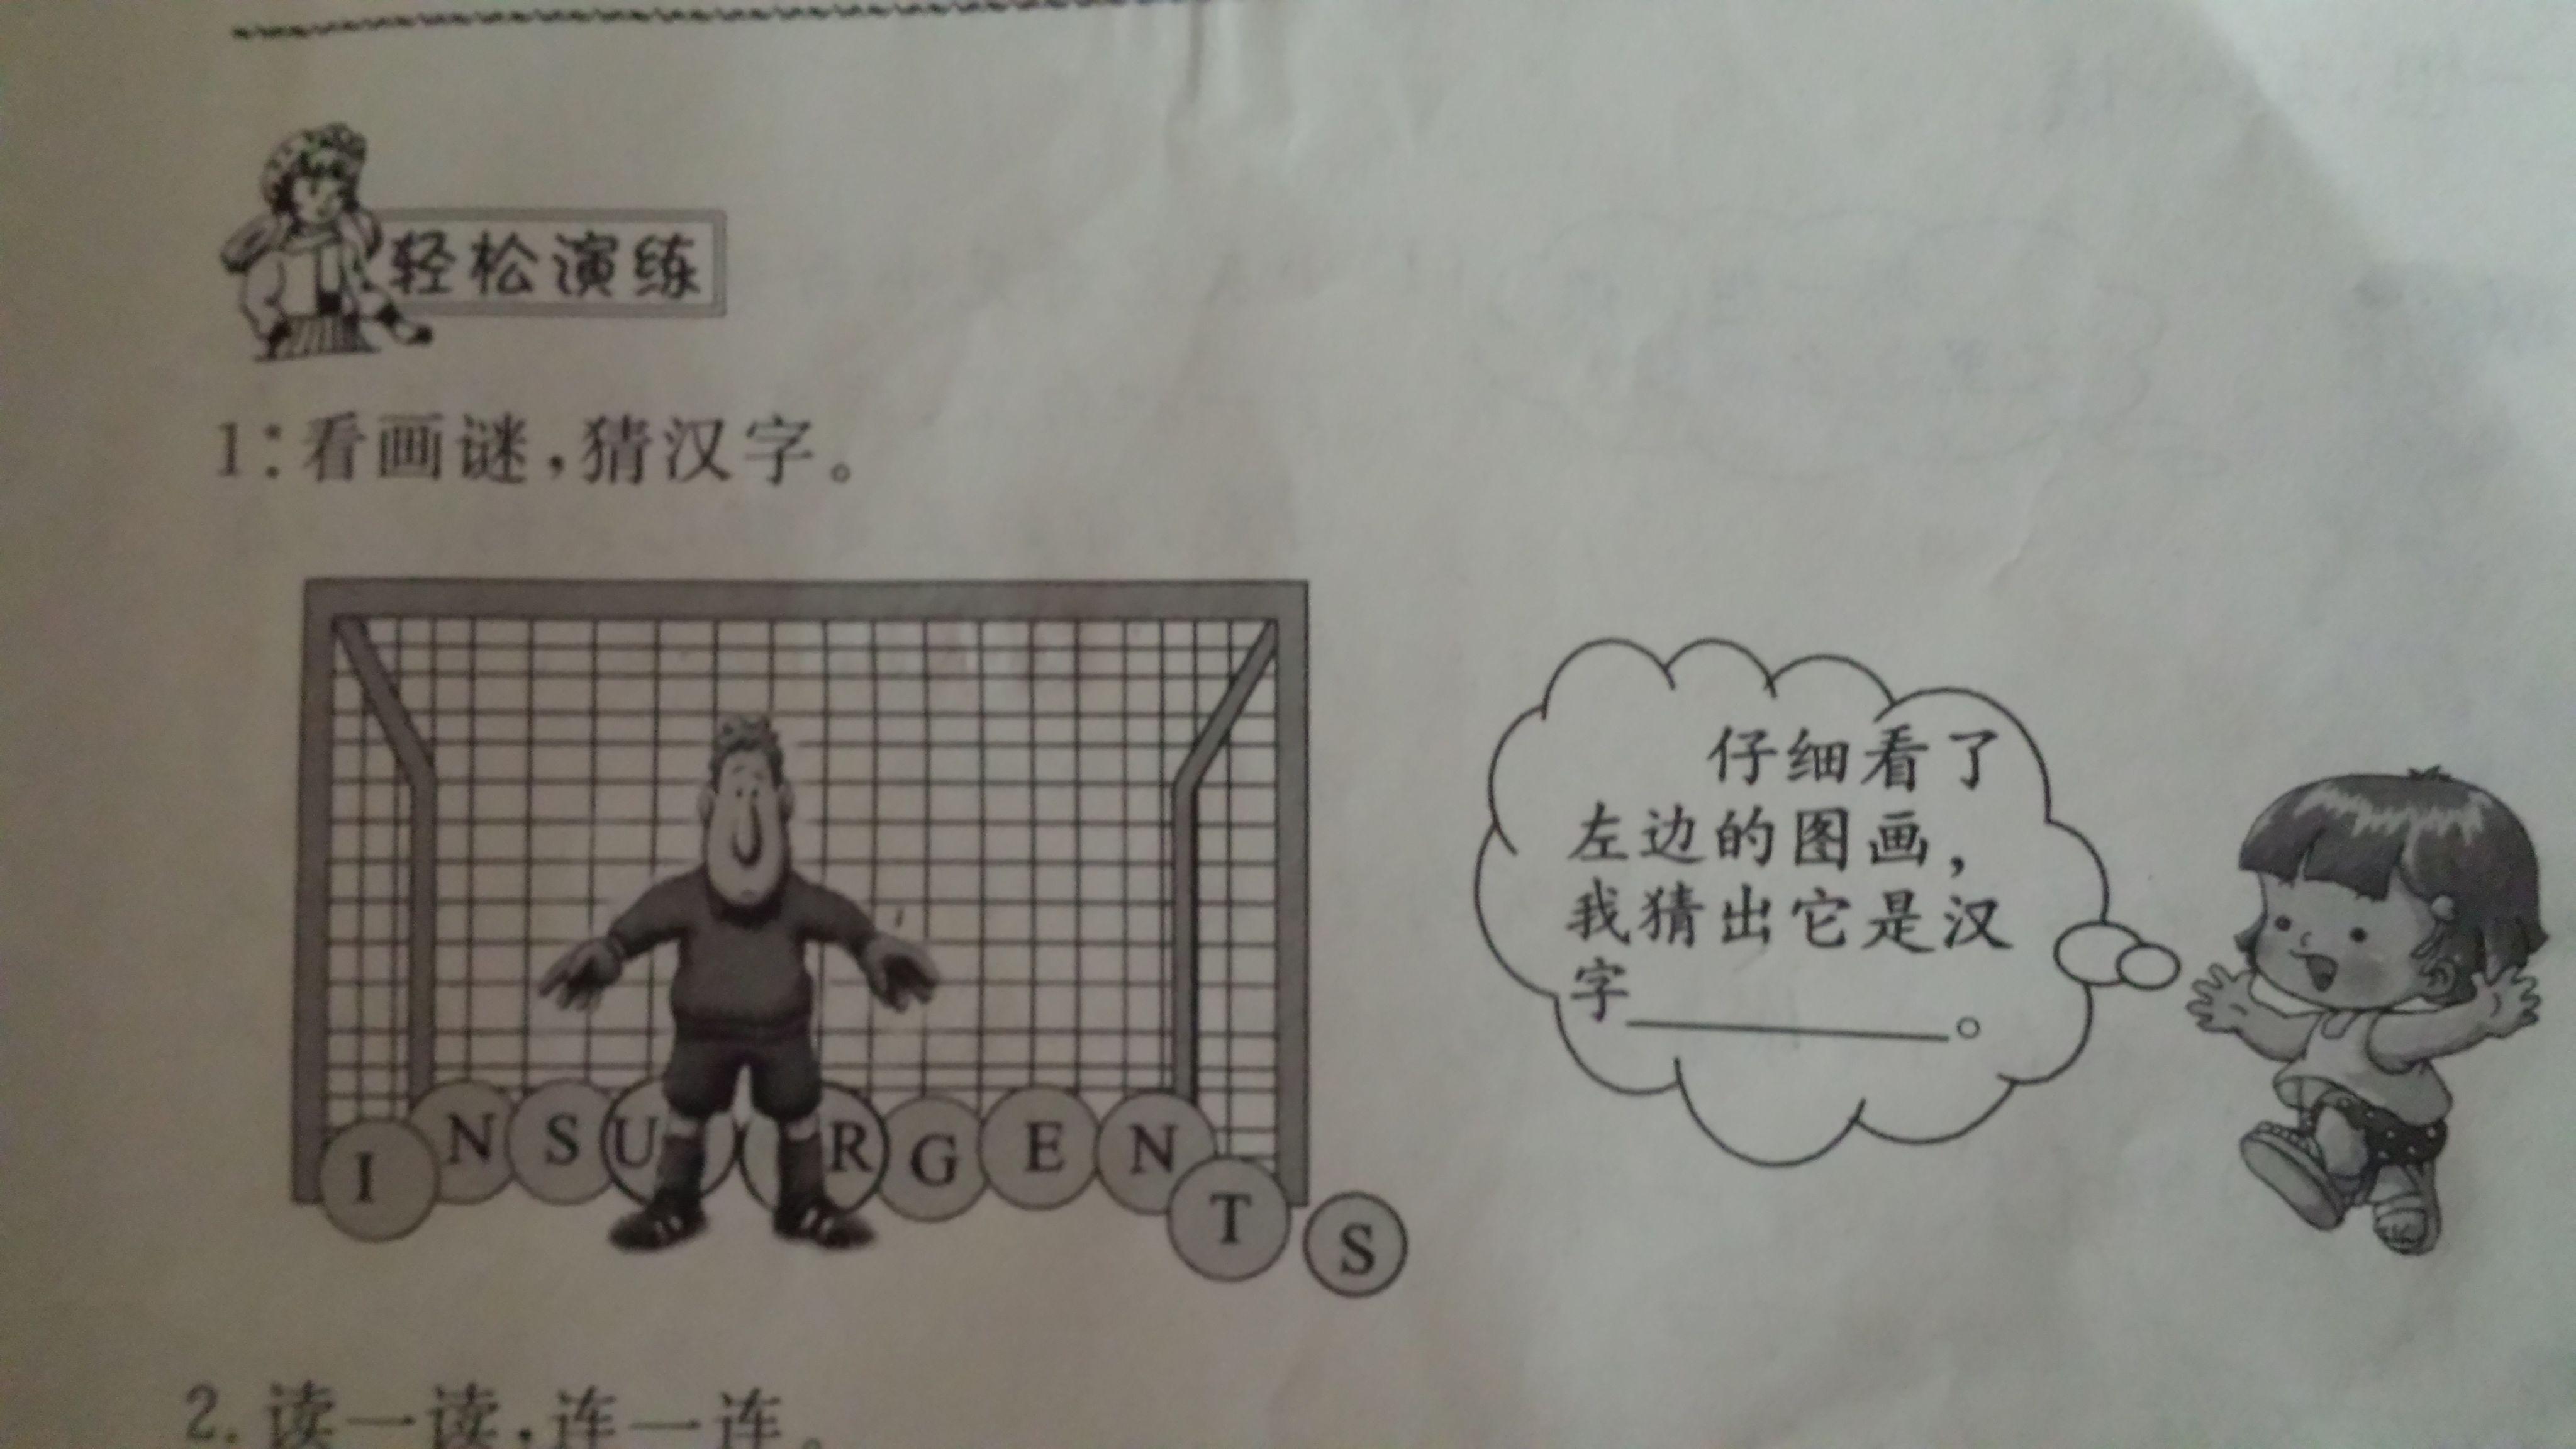 这是小学一年级暑假作业,一道猜汉字的画迷,求答案图片